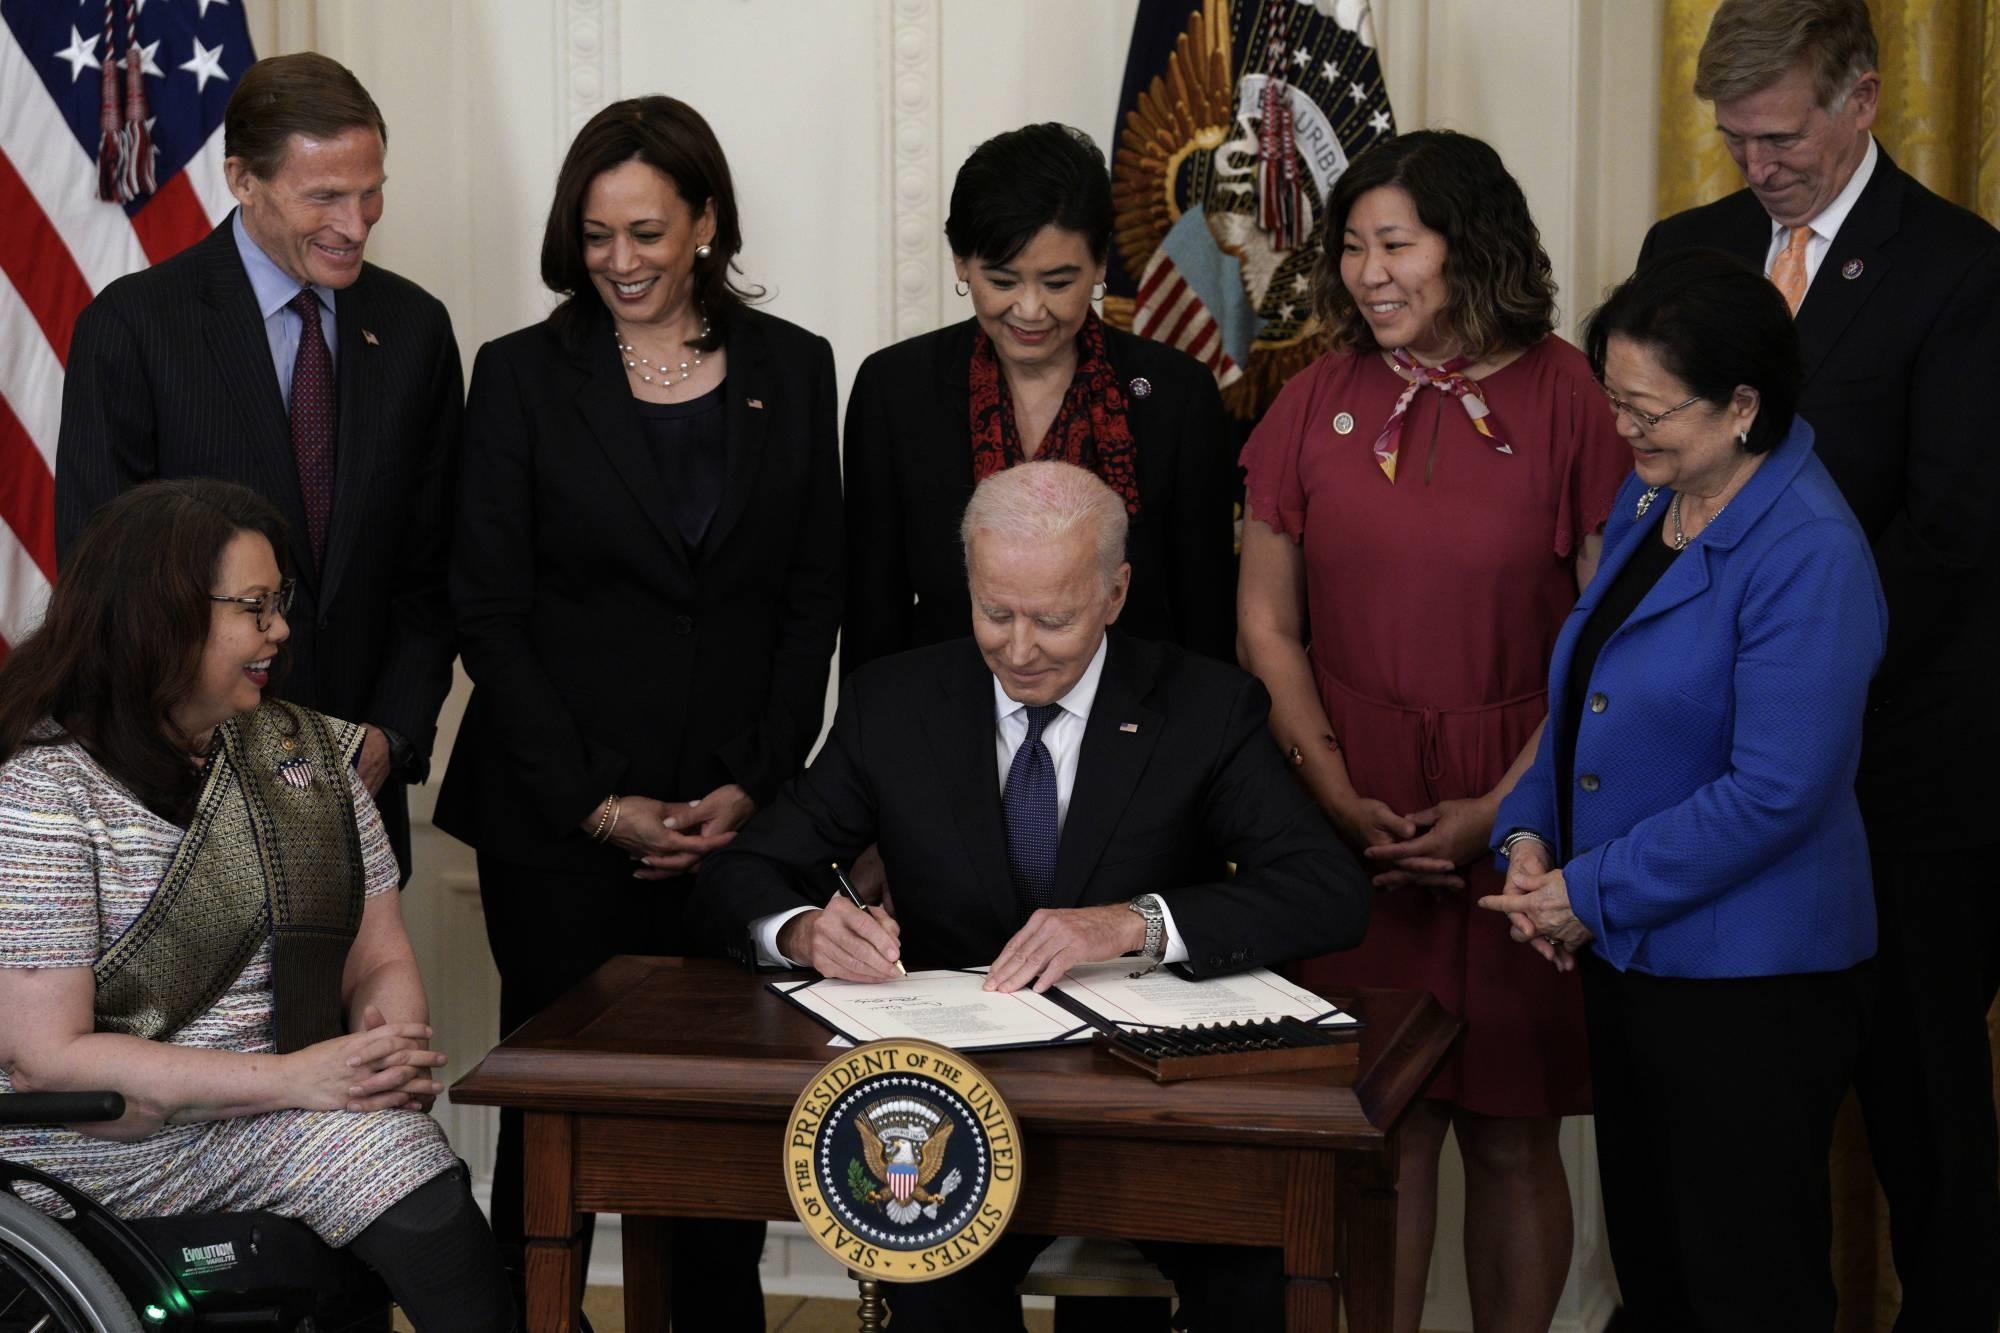 Tổng thống Mỹ Joe Biden ký đạo luật nhằm ngăn chặn tội phạm nhằm vào người Mỹ gốc Á. Ảnh: Bloomberg